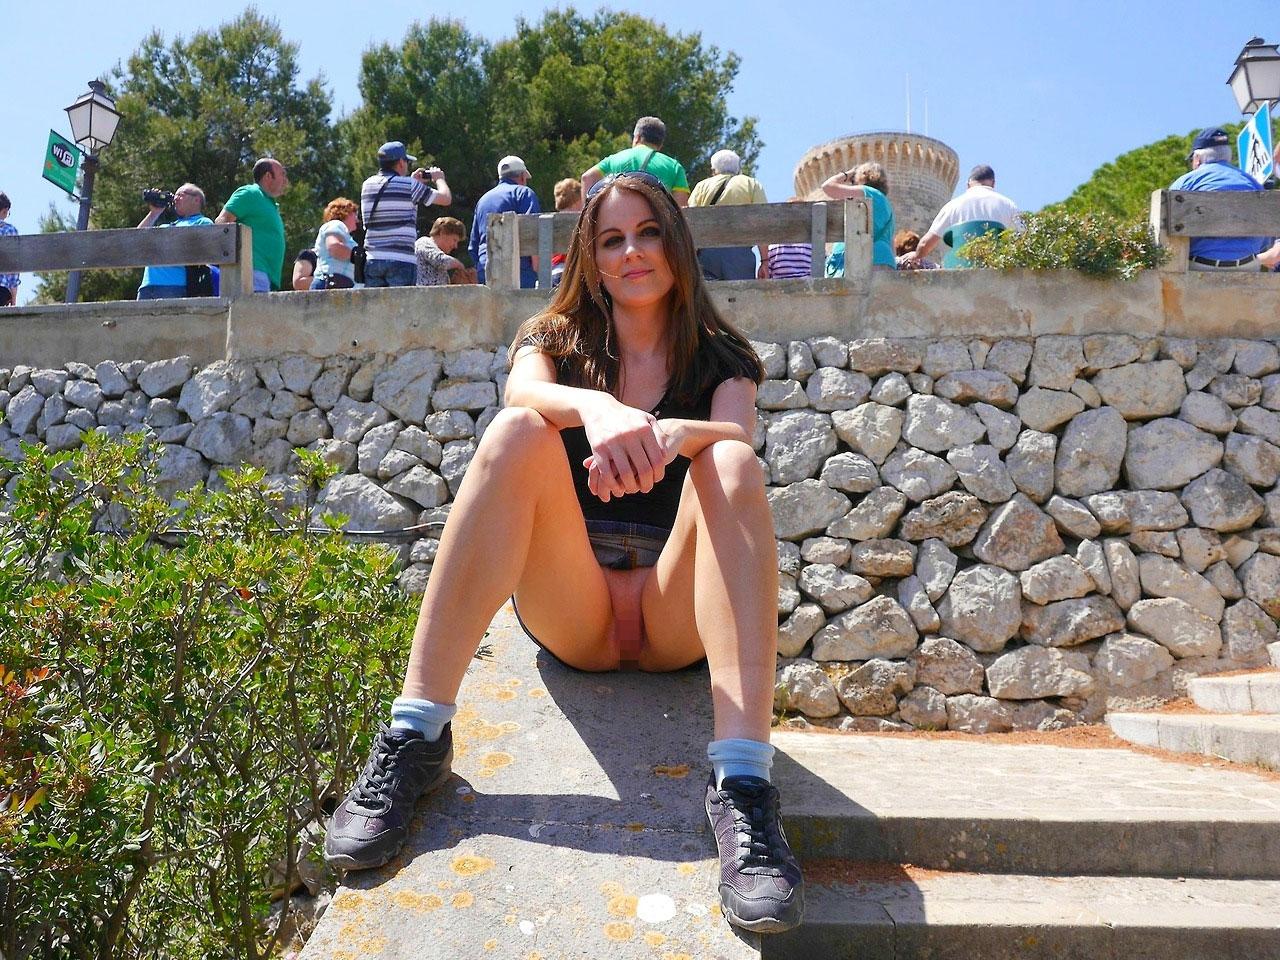 【ノーパンエロ画像】スカートの中が涼しそう…海外ノーパン痴女たちの露出www 08